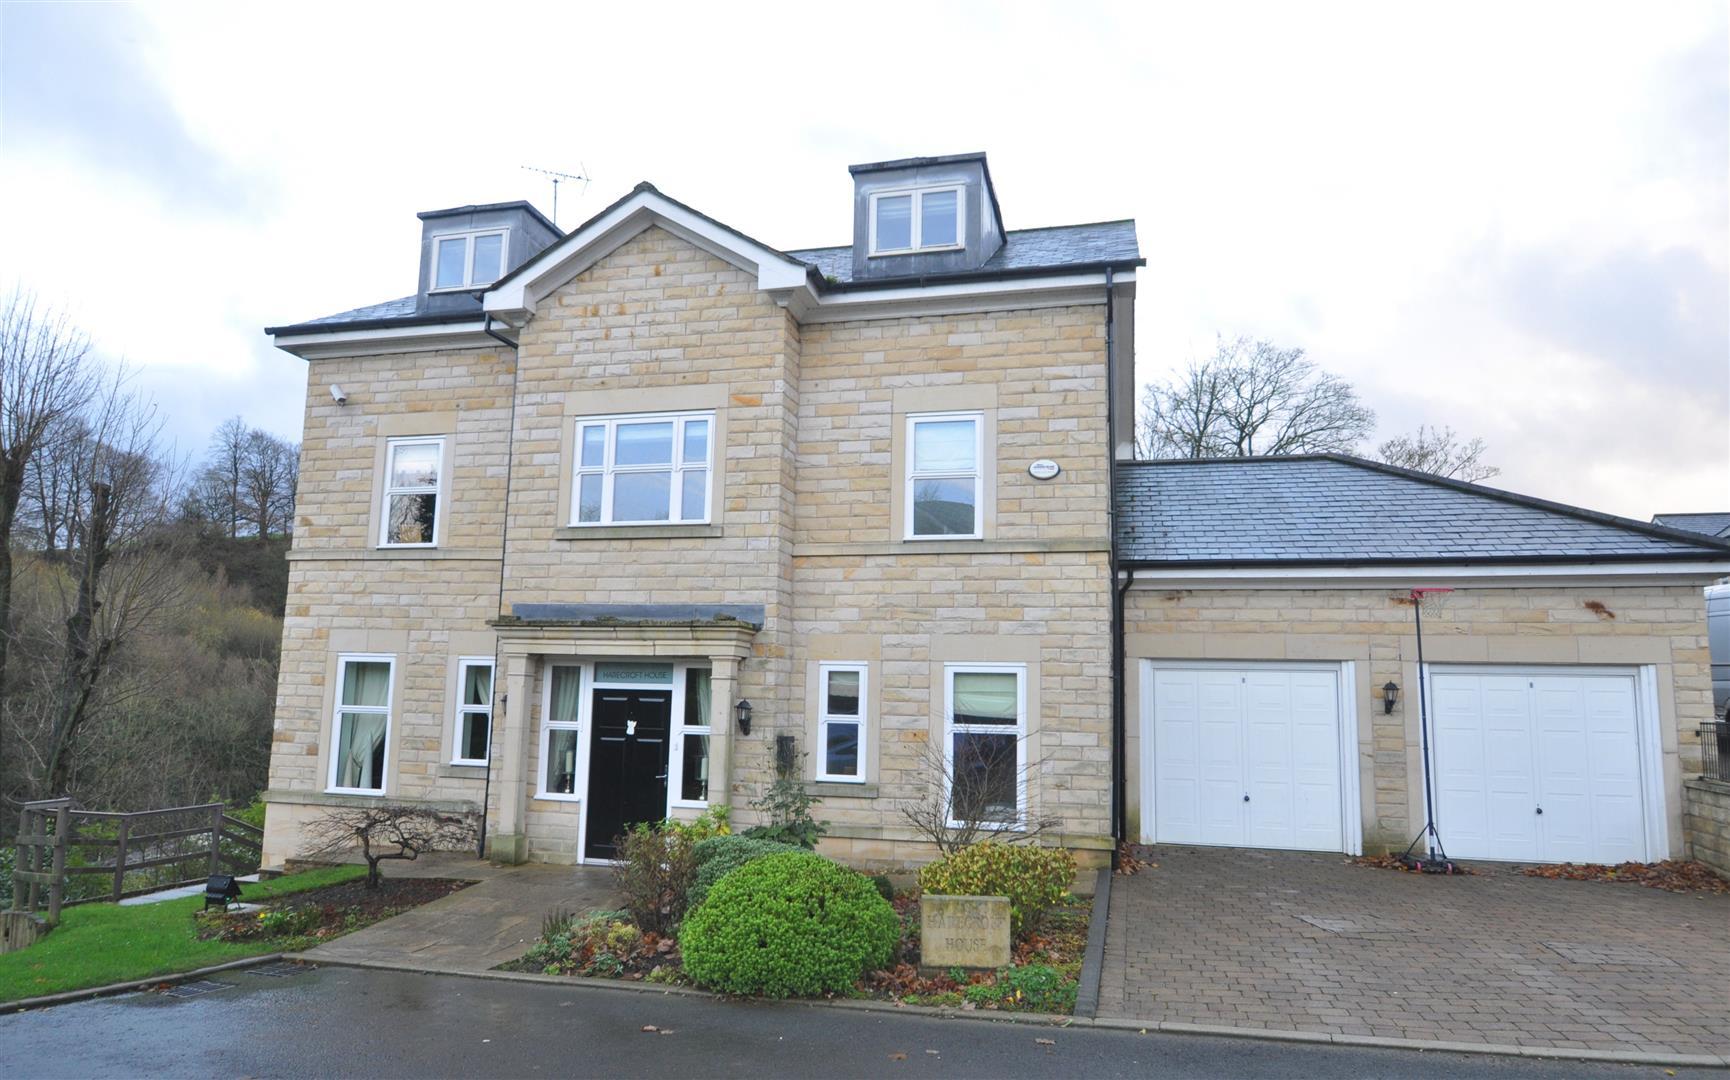 Harecroft House, 3 Stanningden Rise, Ripponden, HX6 4FE